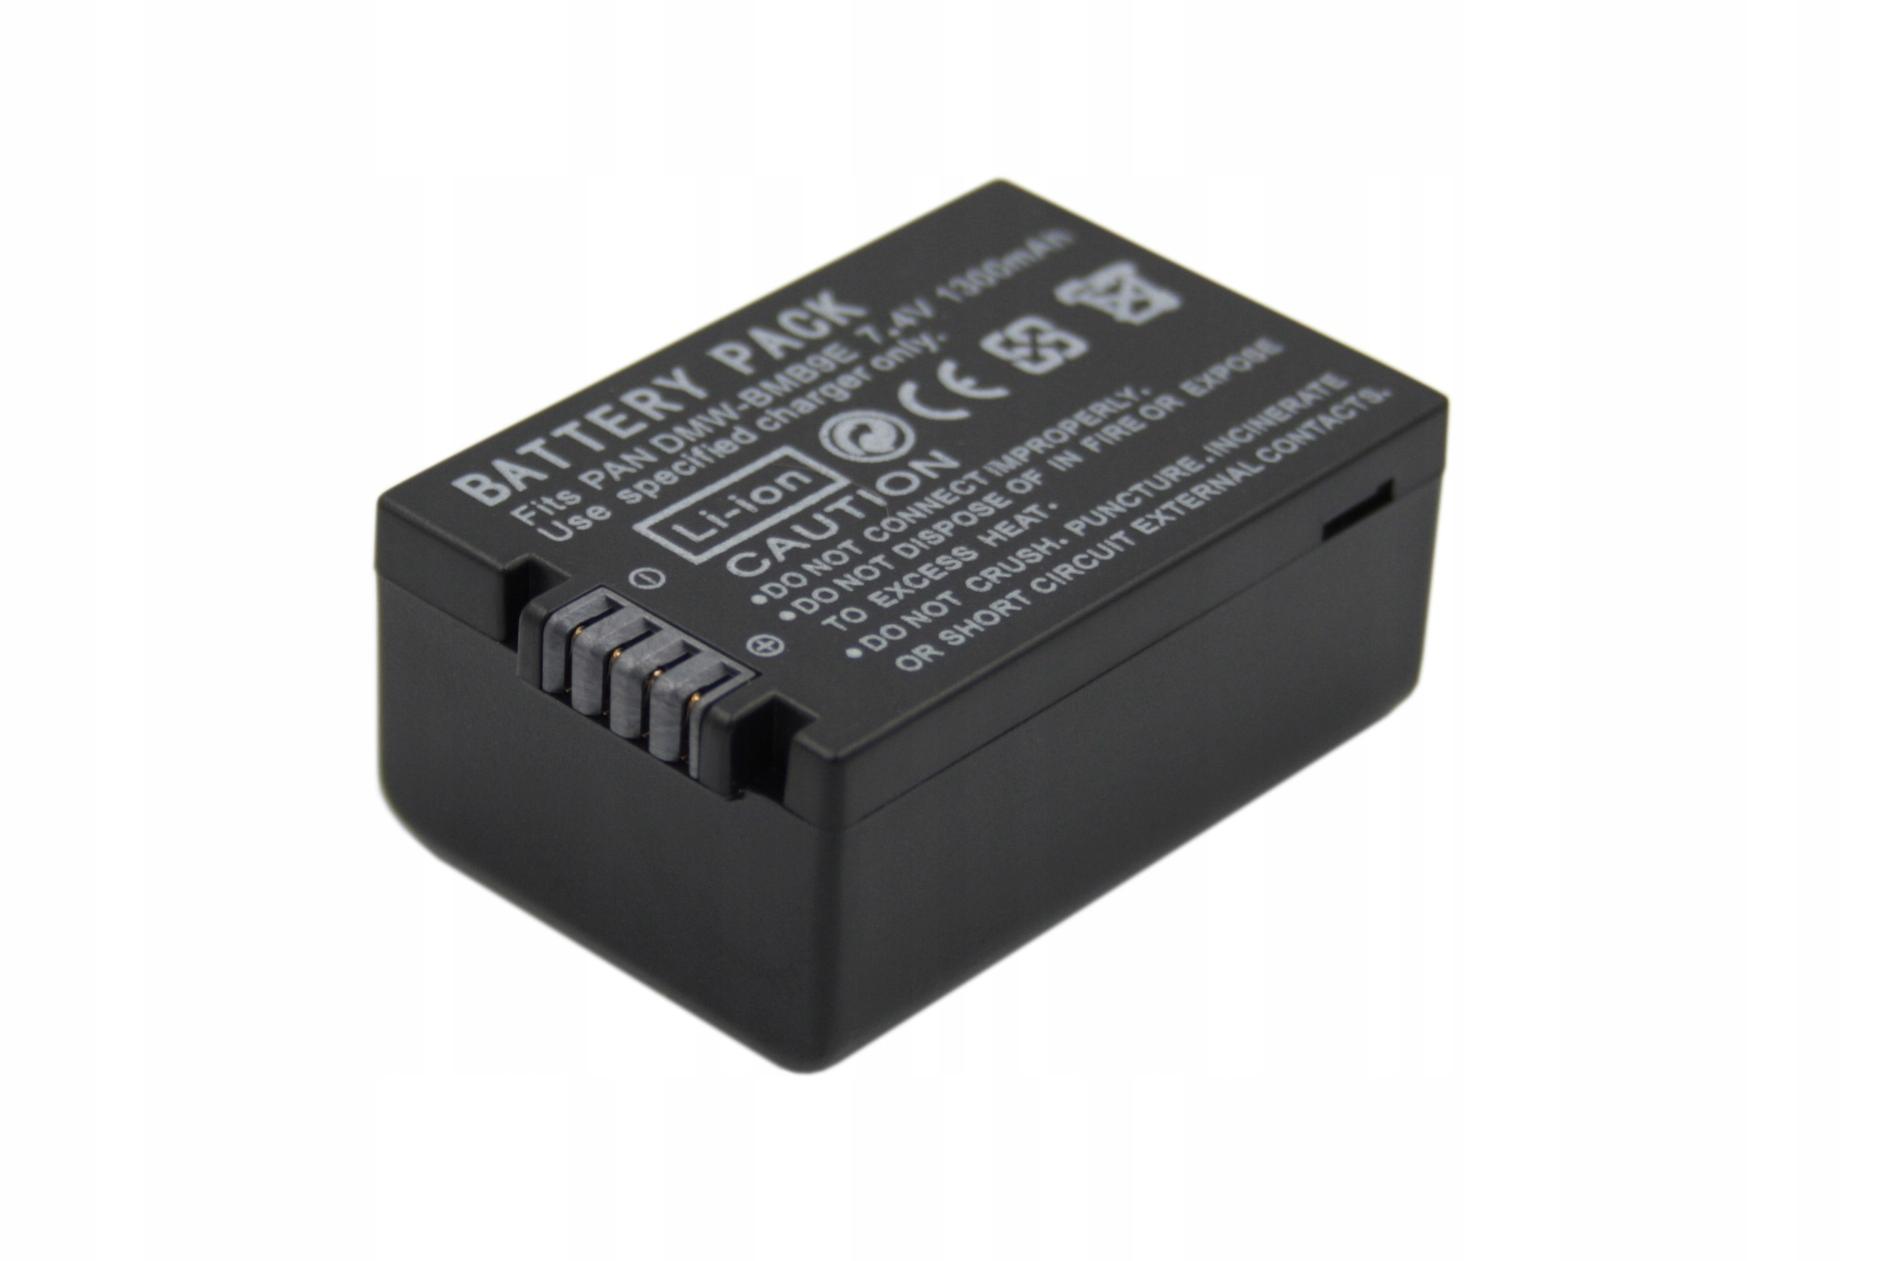 BATERIA AKUMULATOR PANASONIC DMW-BMB9E DMC-FZ72 DMC-FZ100 DMC-FZ150 - Baterie do aparatów cyfrowych